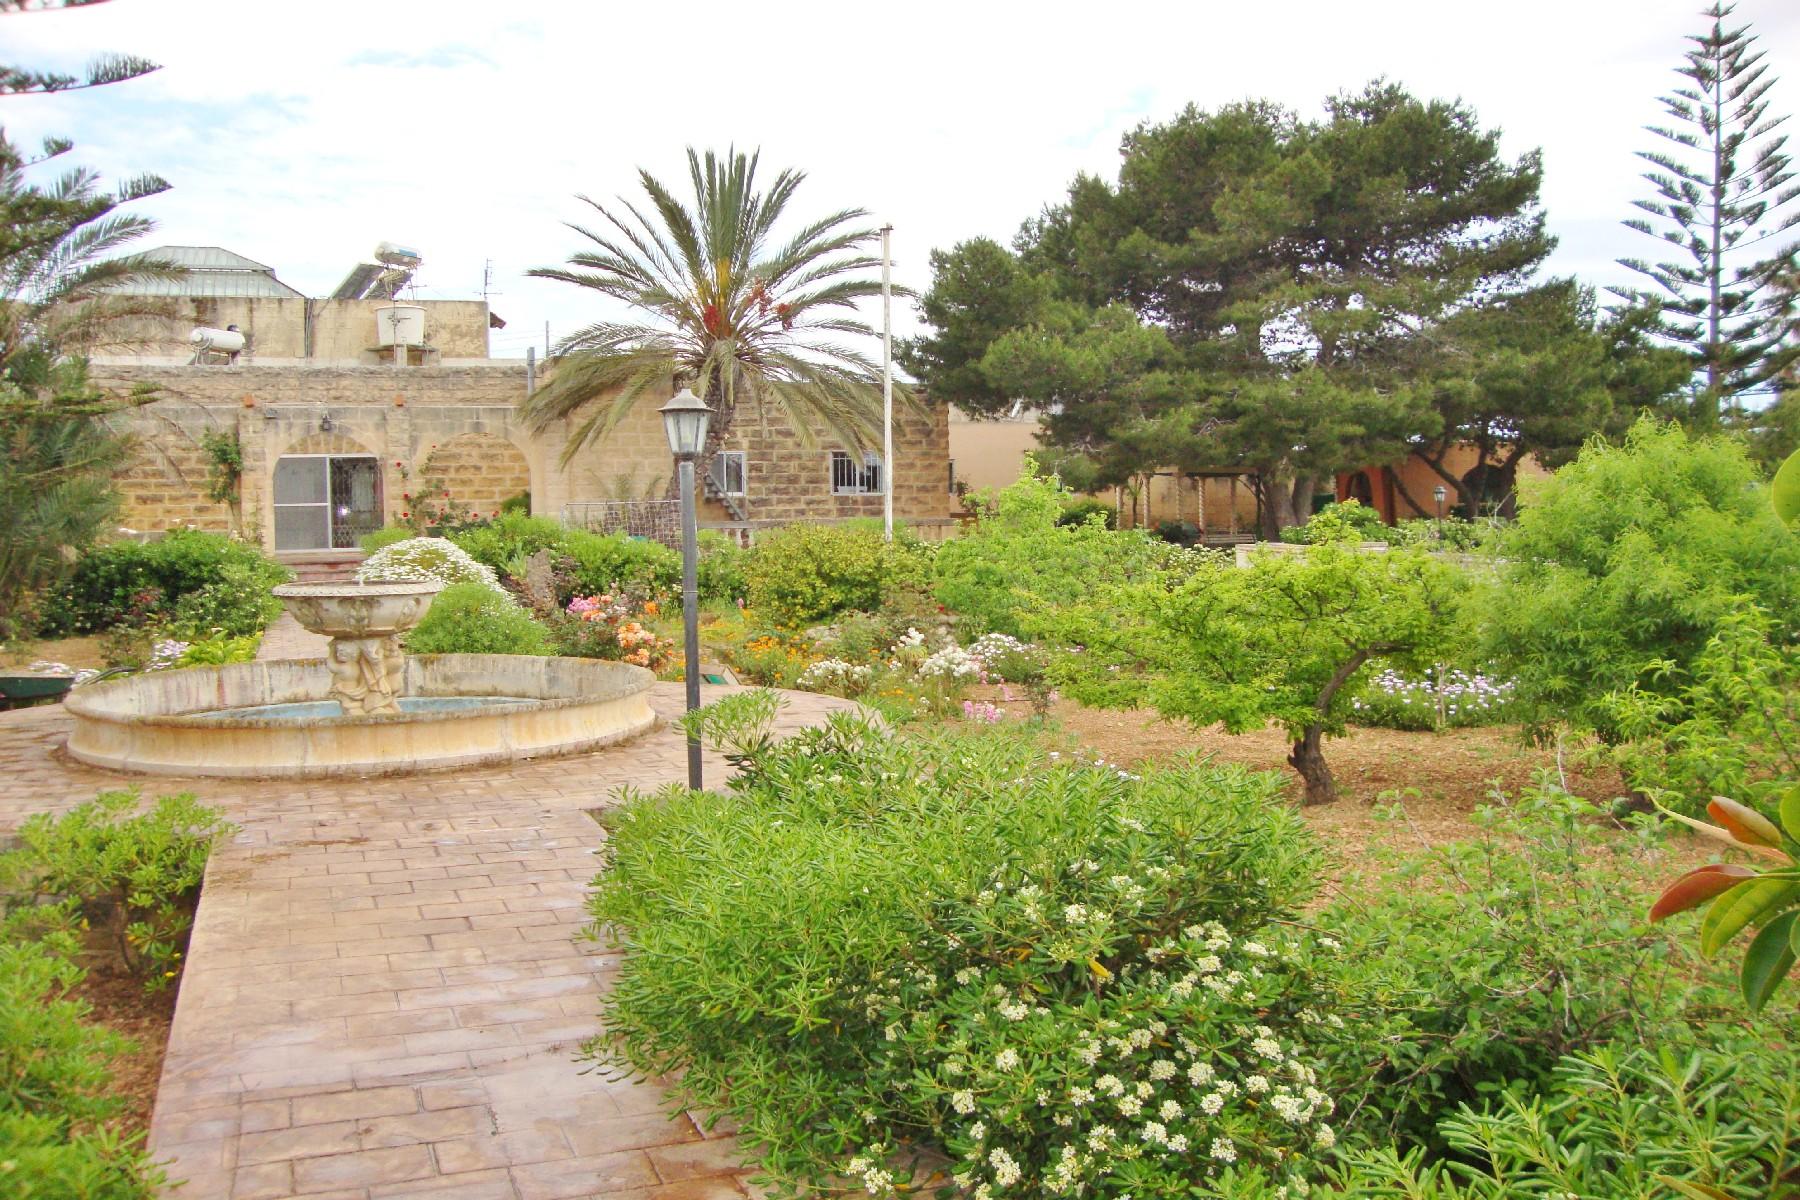 獨棟家庭住宅 為 出售 在 Birzebbugia Semi-Detached Bungalow Other Malta, 馬爾他的城市 瑪律他